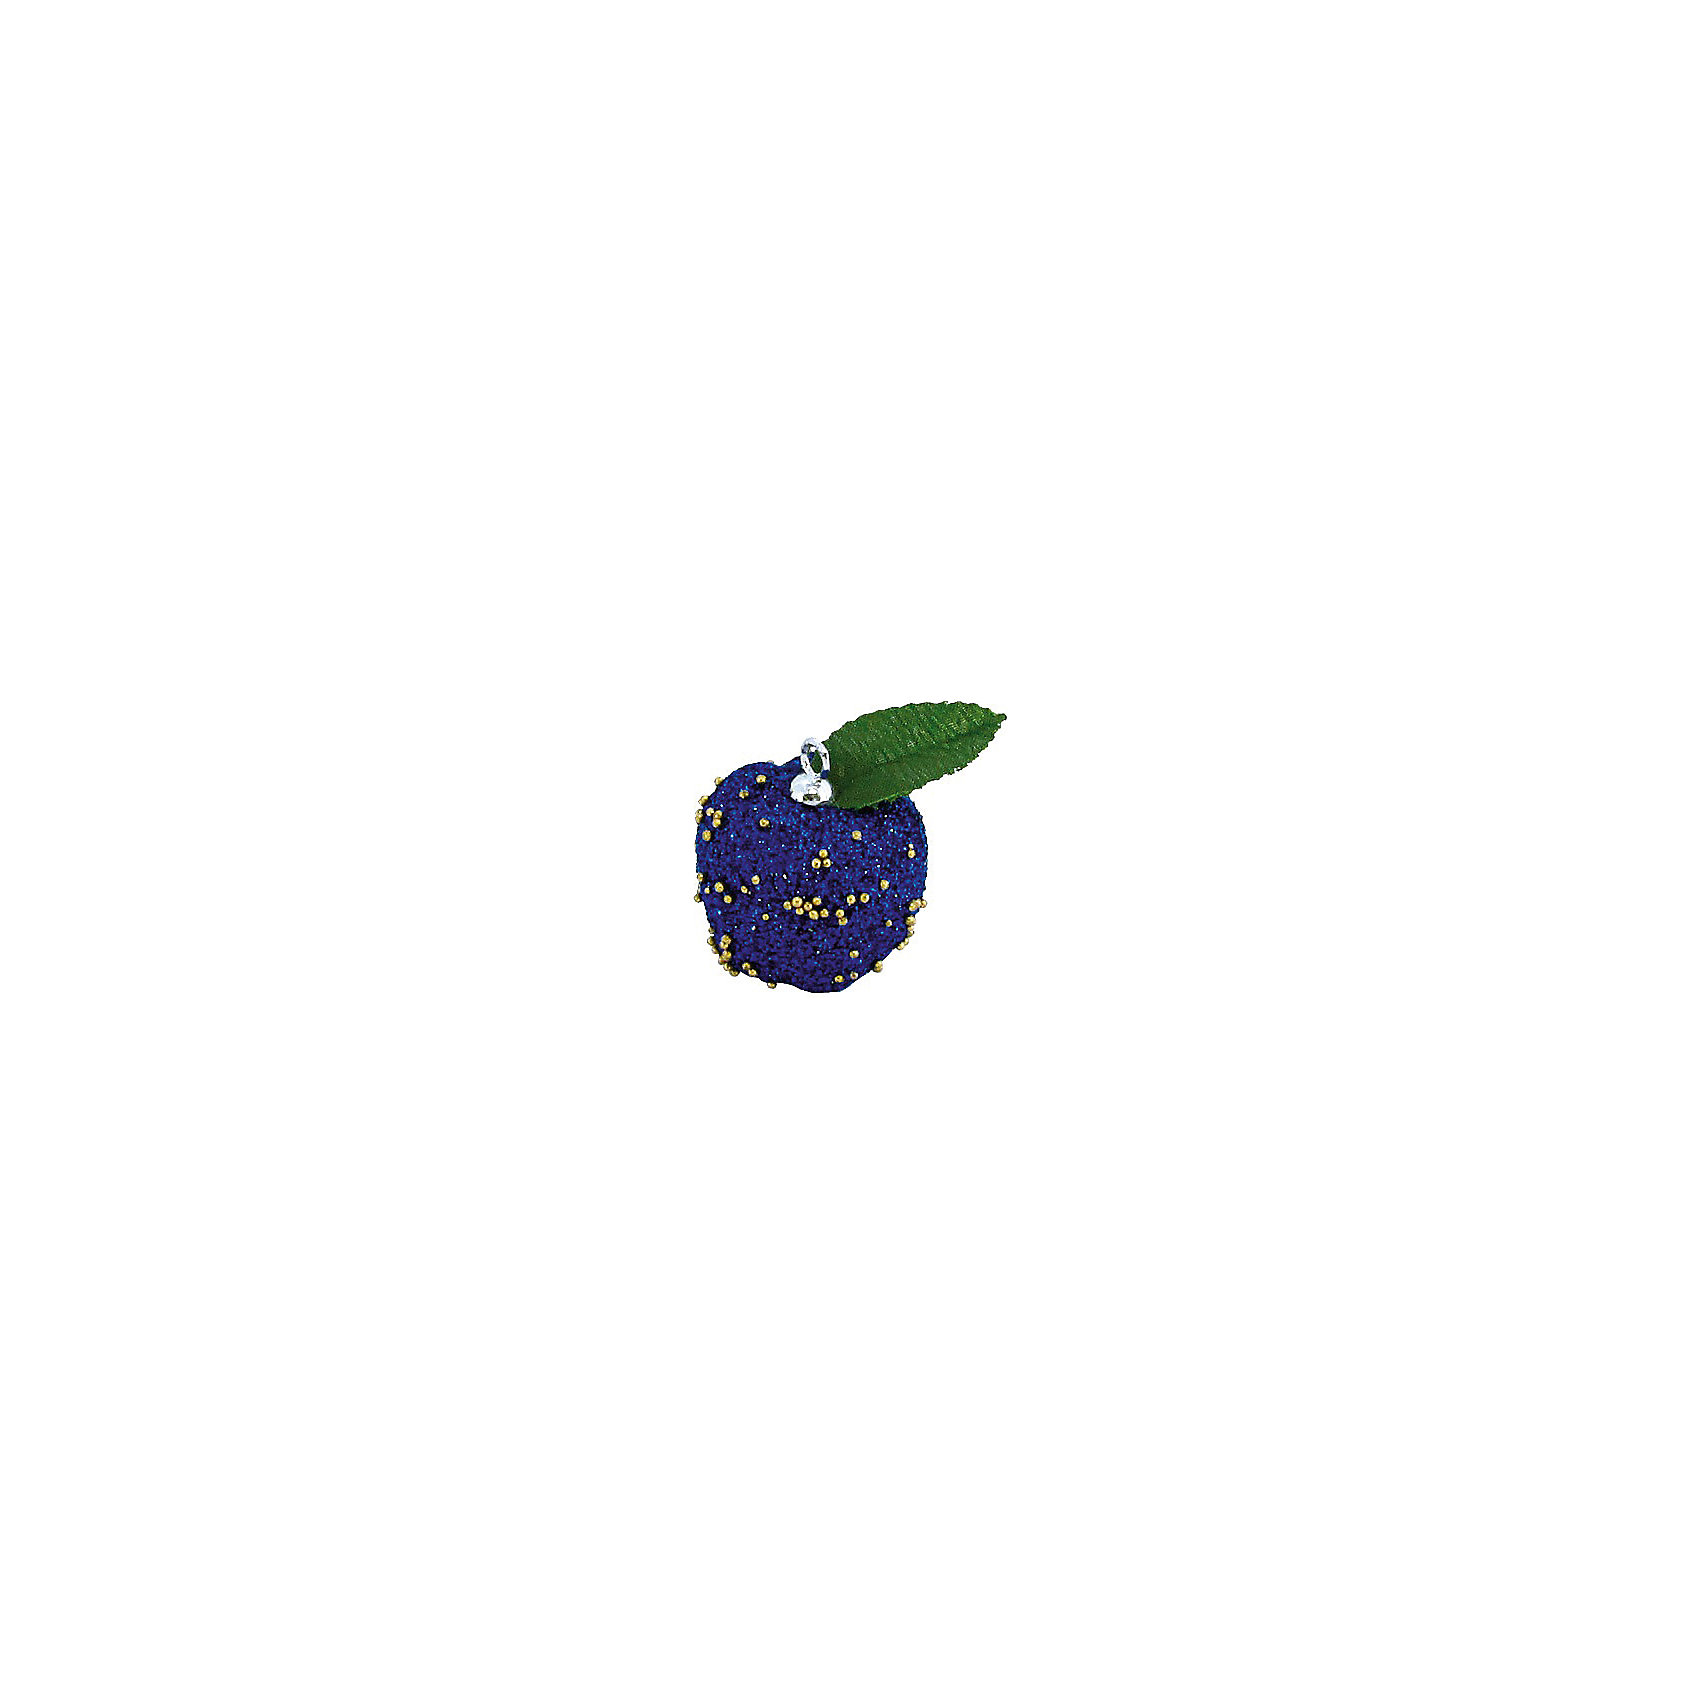 Набор Подарочный: яблочки 12 шт, синийВсё для праздника<br>ёл. укр. набор ПОДАРОЧНЫЙ яблочки, 12шт, синий<br><br>Ширина мм: 100<br>Глубина мм: 60<br>Высота мм: 100<br>Вес г: 100<br>Возраст от месяцев: 36<br>Возраст до месяцев: 2147483647<br>Пол: Унисекс<br>Возраст: Детский<br>SKU: 5101083